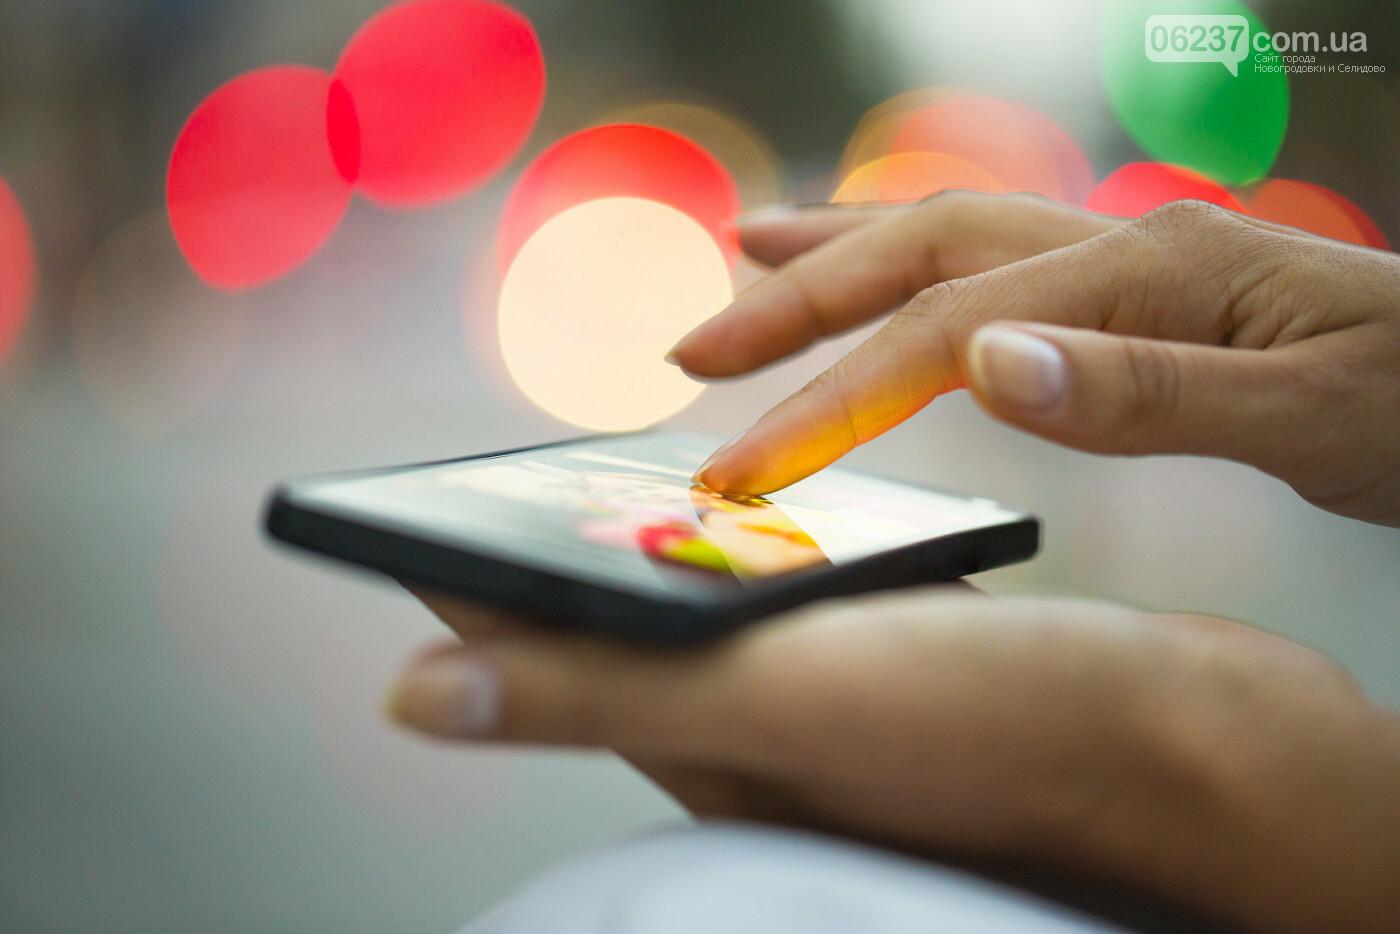 Мобильные операторы Украины собираются изменить условия тарификации, фото-1